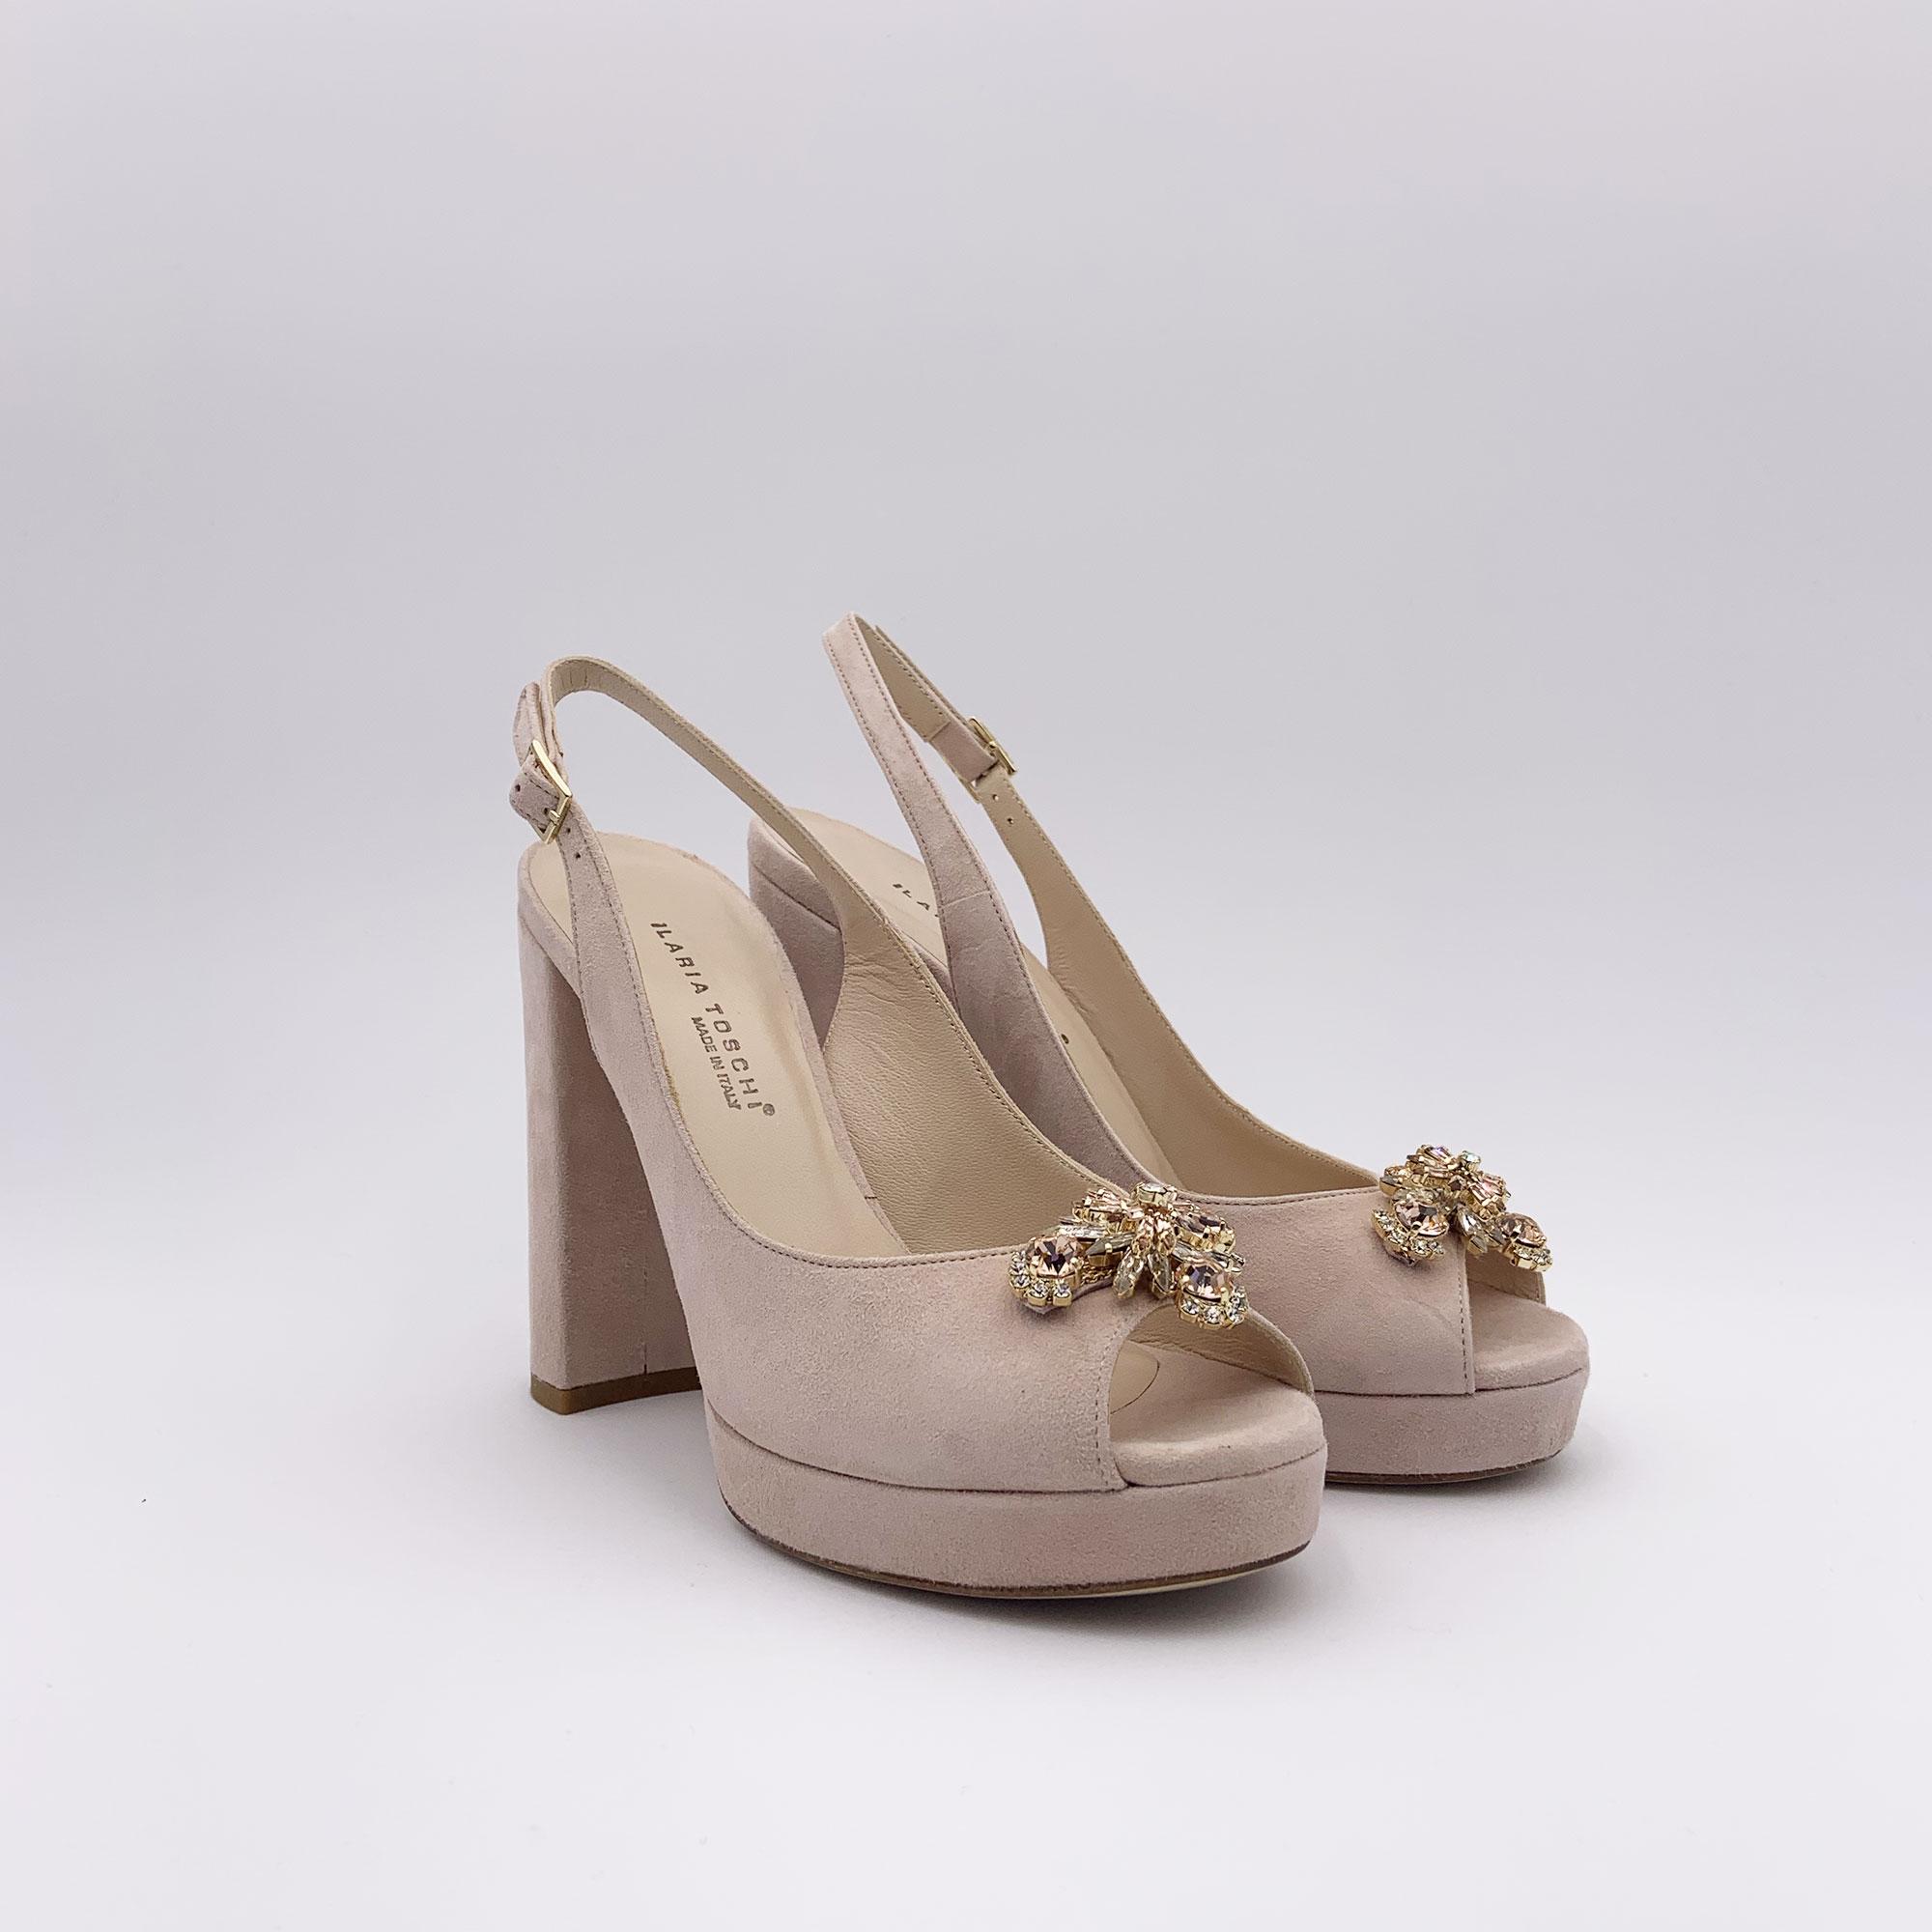 Sandalo chanel - Cipria